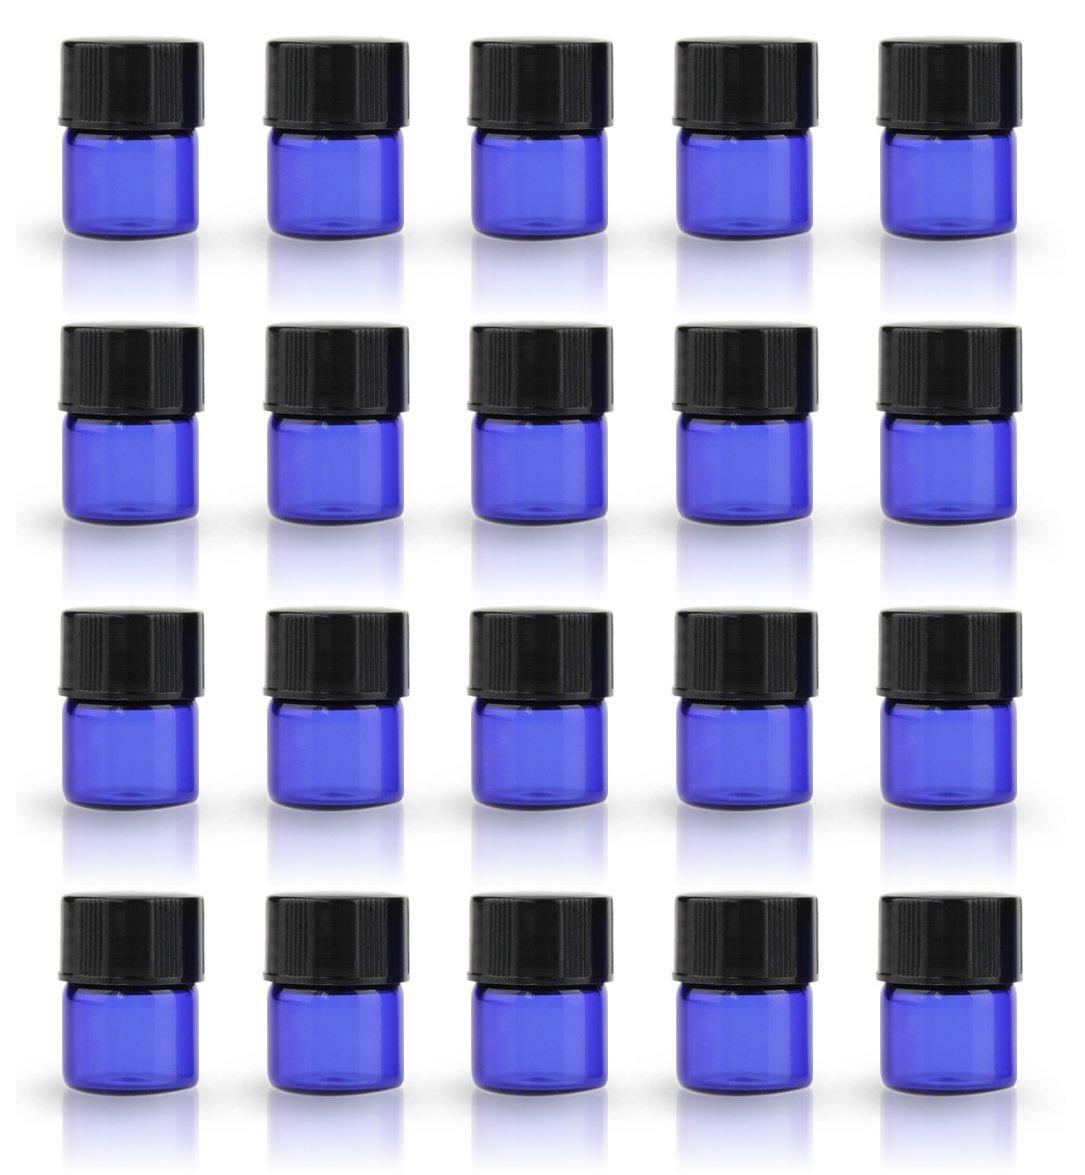 専門店では ZbFwmx 1/4ドラムアンバー コバルトブルー ミニガラスボトル 小瓶 サンプルバイアルオリフィス減少 ブラックキャップ 小瓶 Blue-100-Pack ZbFwmx B077L4WMH6 B077L4WMH6, 新星堂WonderGOO:de60a328 --- a0267596.xsph.ru